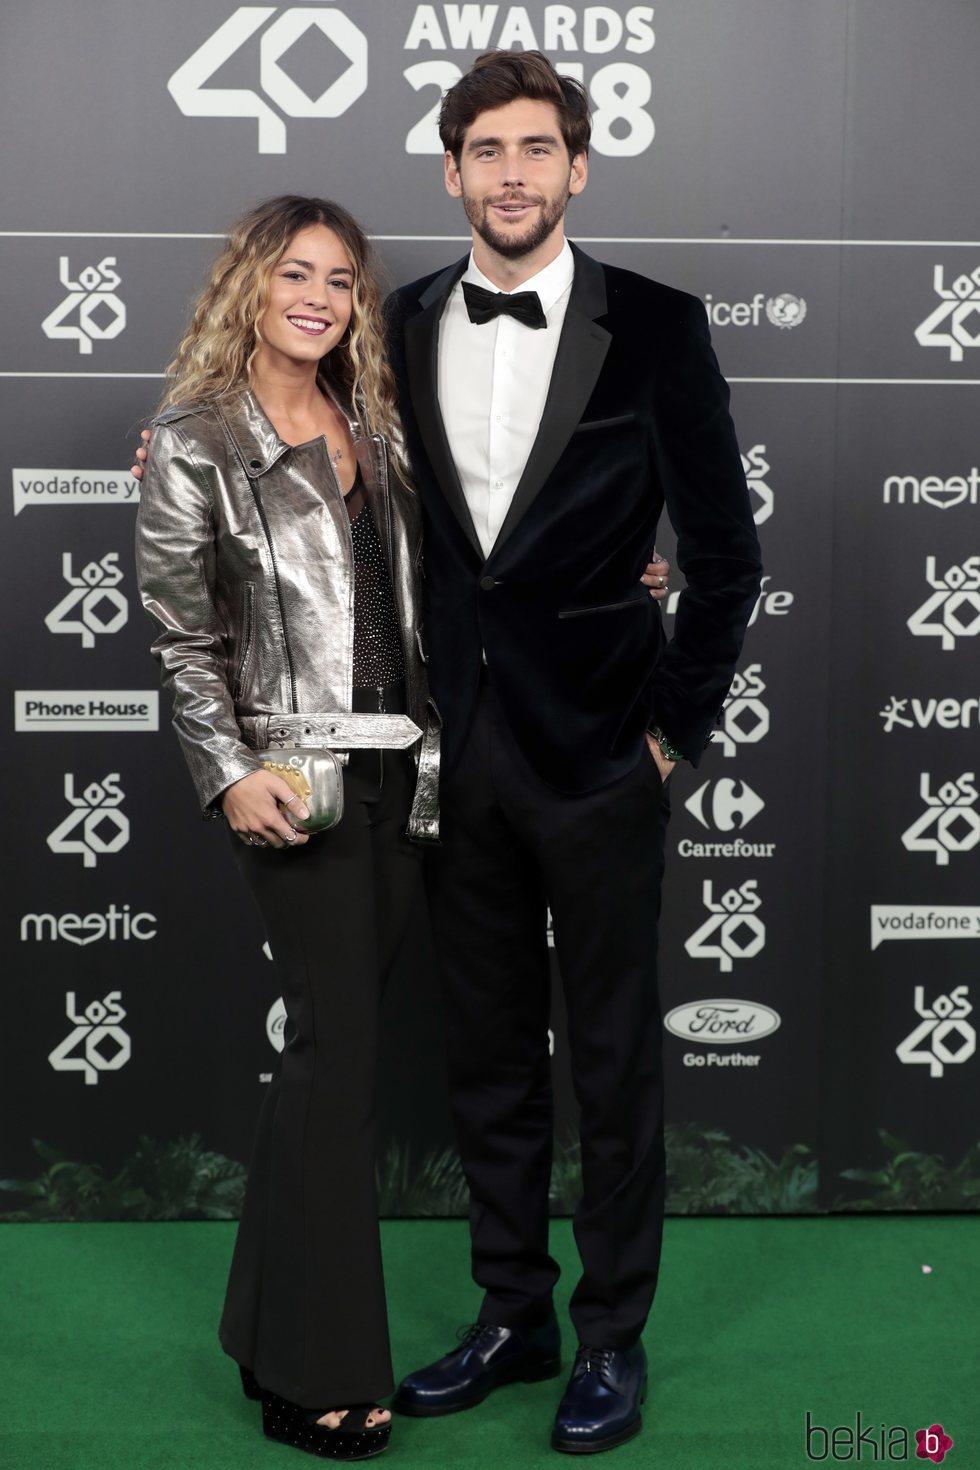 Álvaro Soler y Sofía Ellar en Los 40 Music Awards 2018